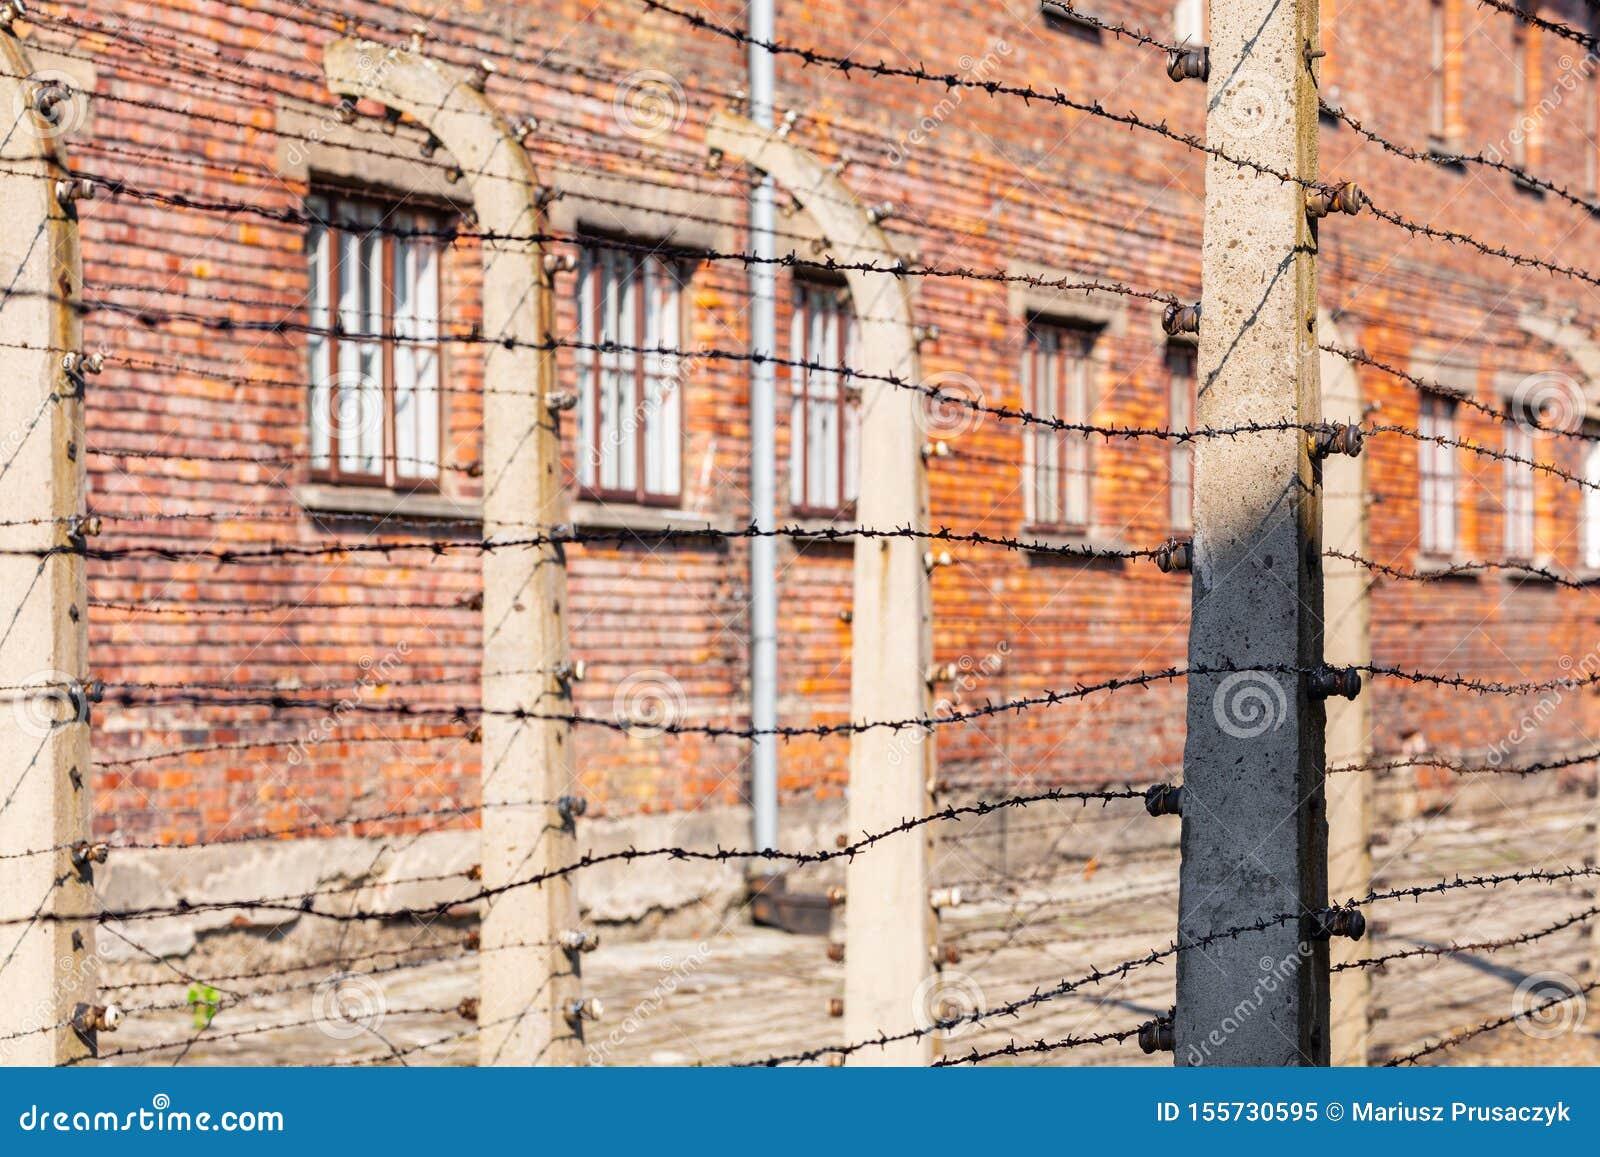 AUSCHWITZ-BIRKENAU, POLAND - AUGUST 12, 2019: Holocaust Memorial Museum. Separation barbed wire in prison camps. Part of Auschwitz